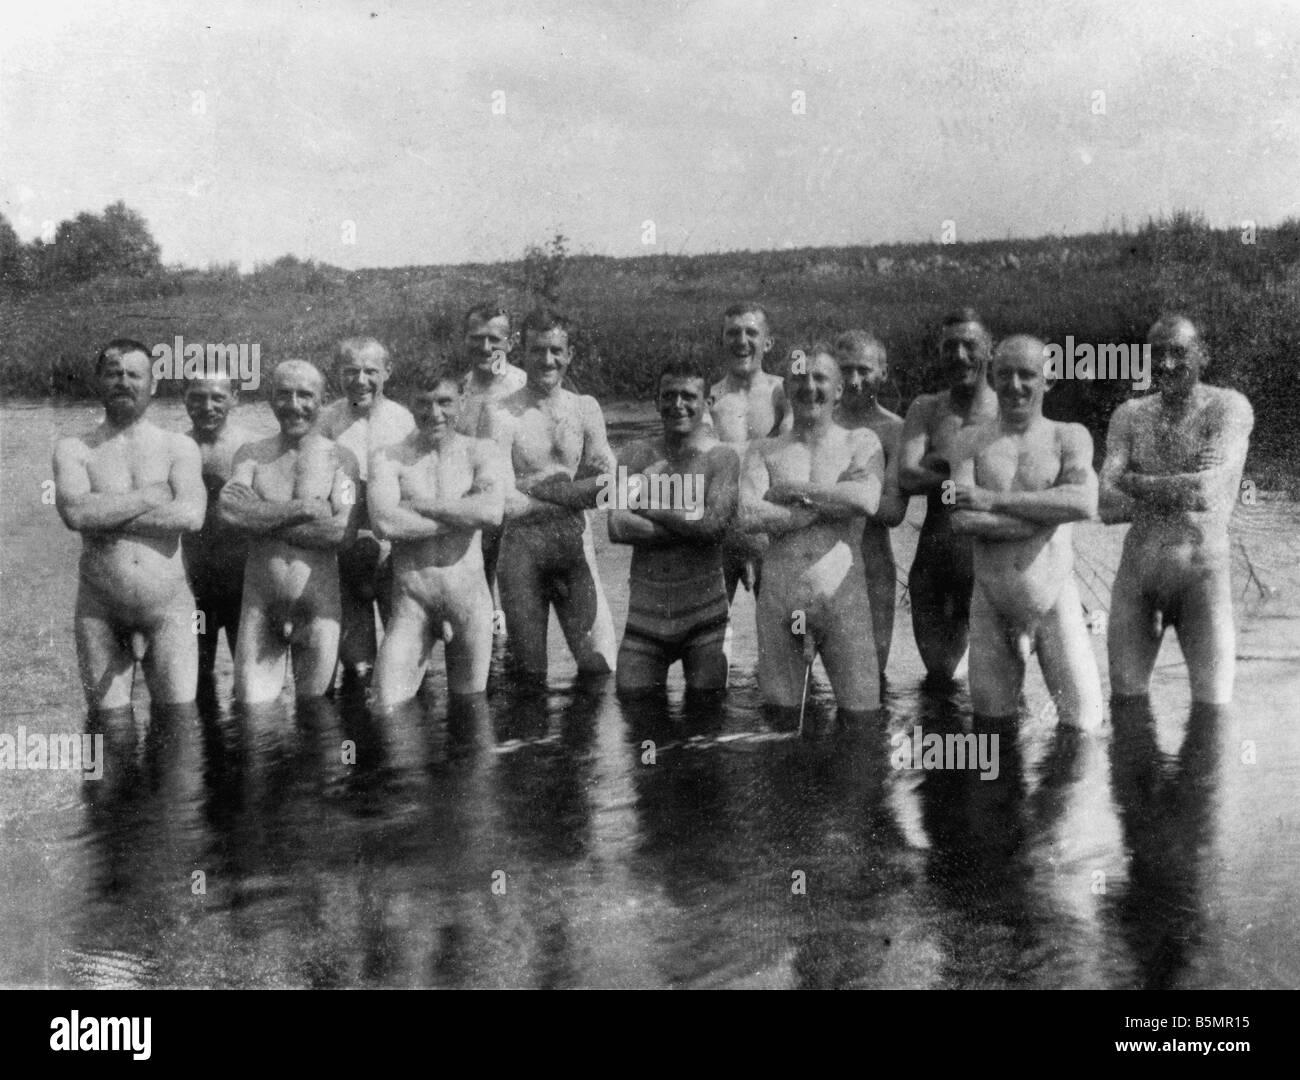 9 1916 7 0 A1 E Ost Fr Bild des Soldaten Bad Pho 1. Weltkrieg Eastern Front Group Bild des Soldaten in Kalwarja Stockbild